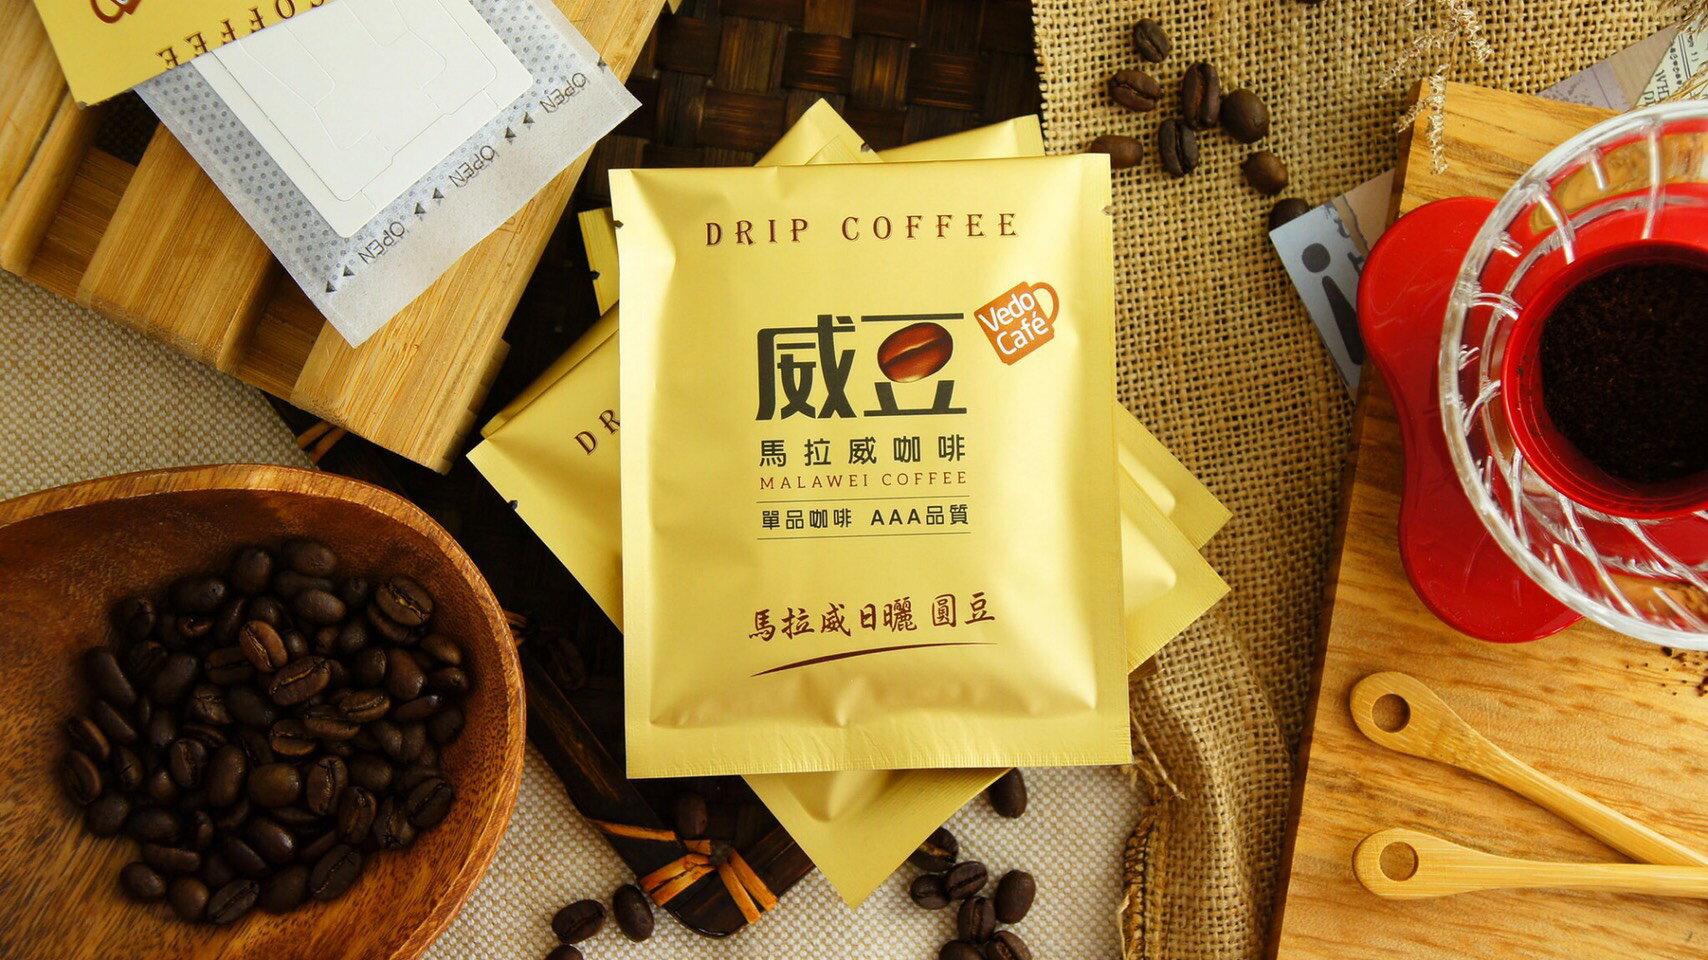 【威豆精品咖啡】馬拉威 / 日曬圓豆 / 濾掛咖啡(掛耳咖啡)12包*12克 / 盒 / @團購優惠中@ 0